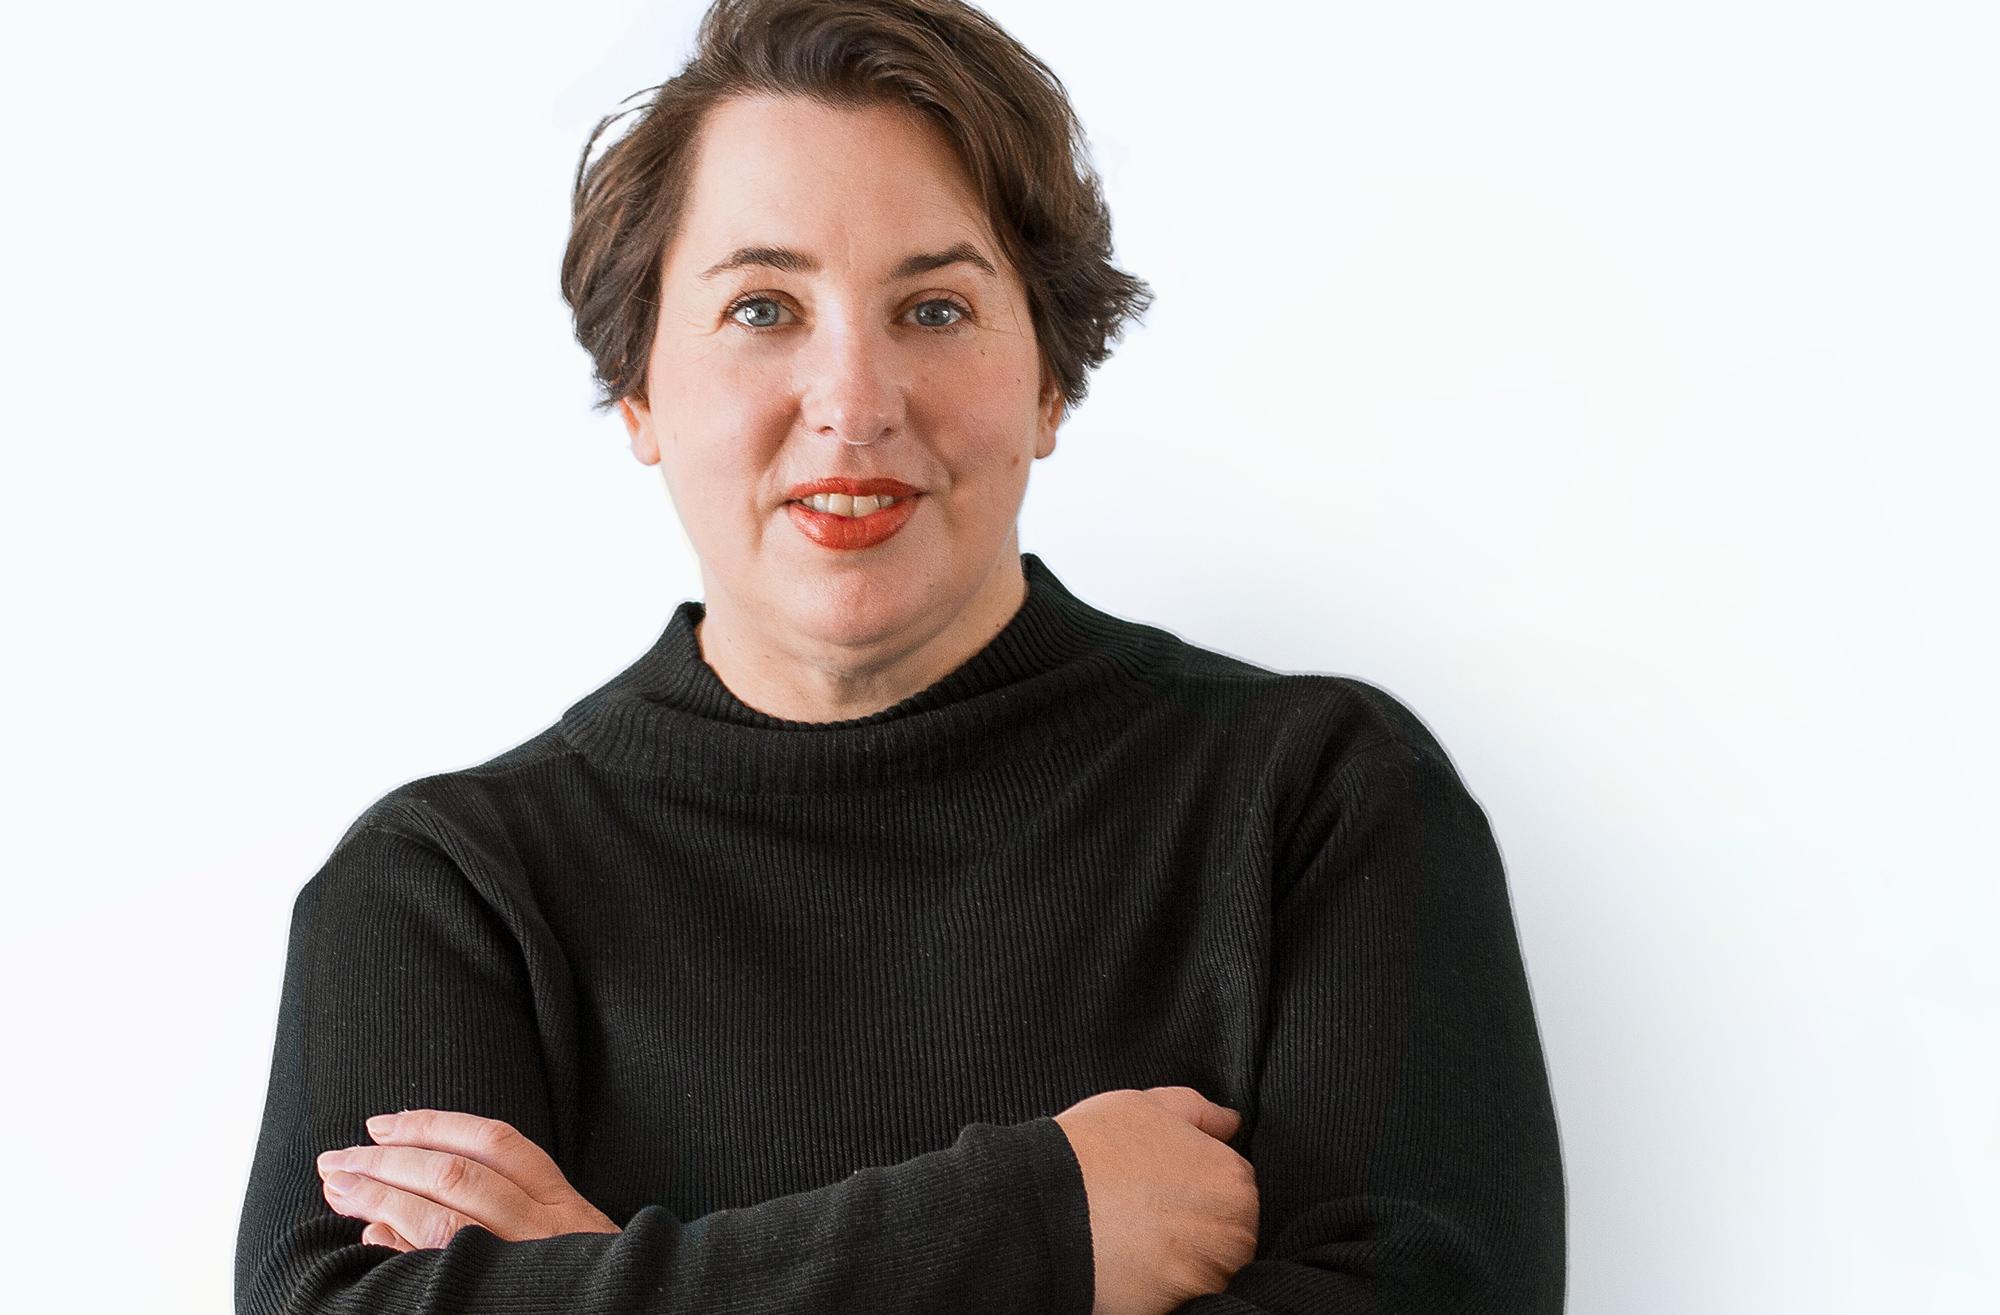 Lola Gueldenberg